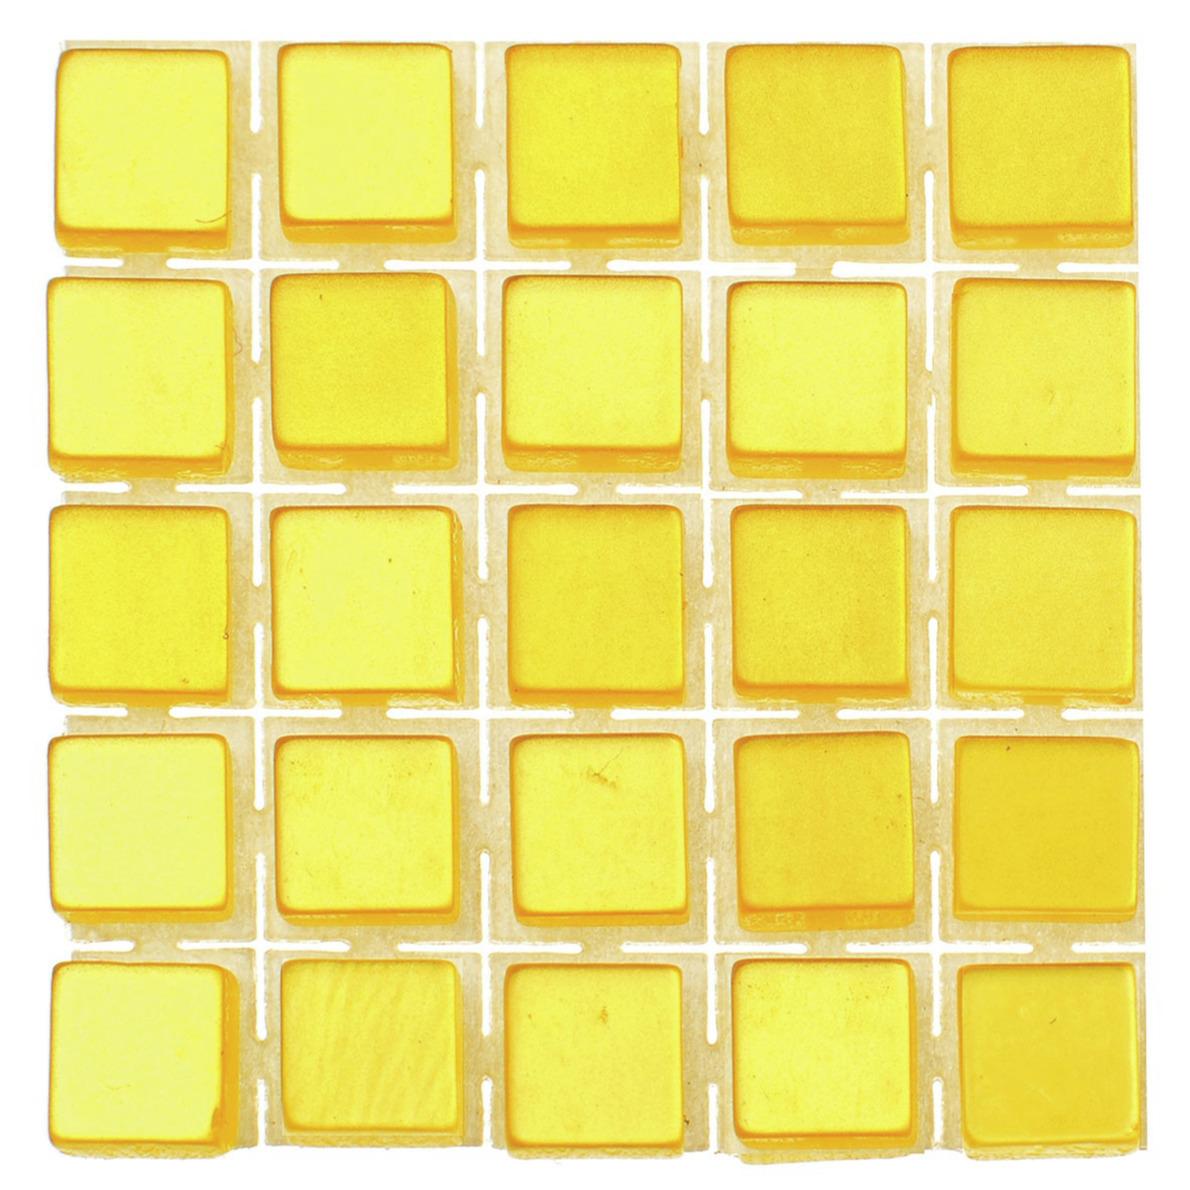 119x stuks mozaieken maken steentjes-tegels kleur geel 5 x 5 x 2 mm